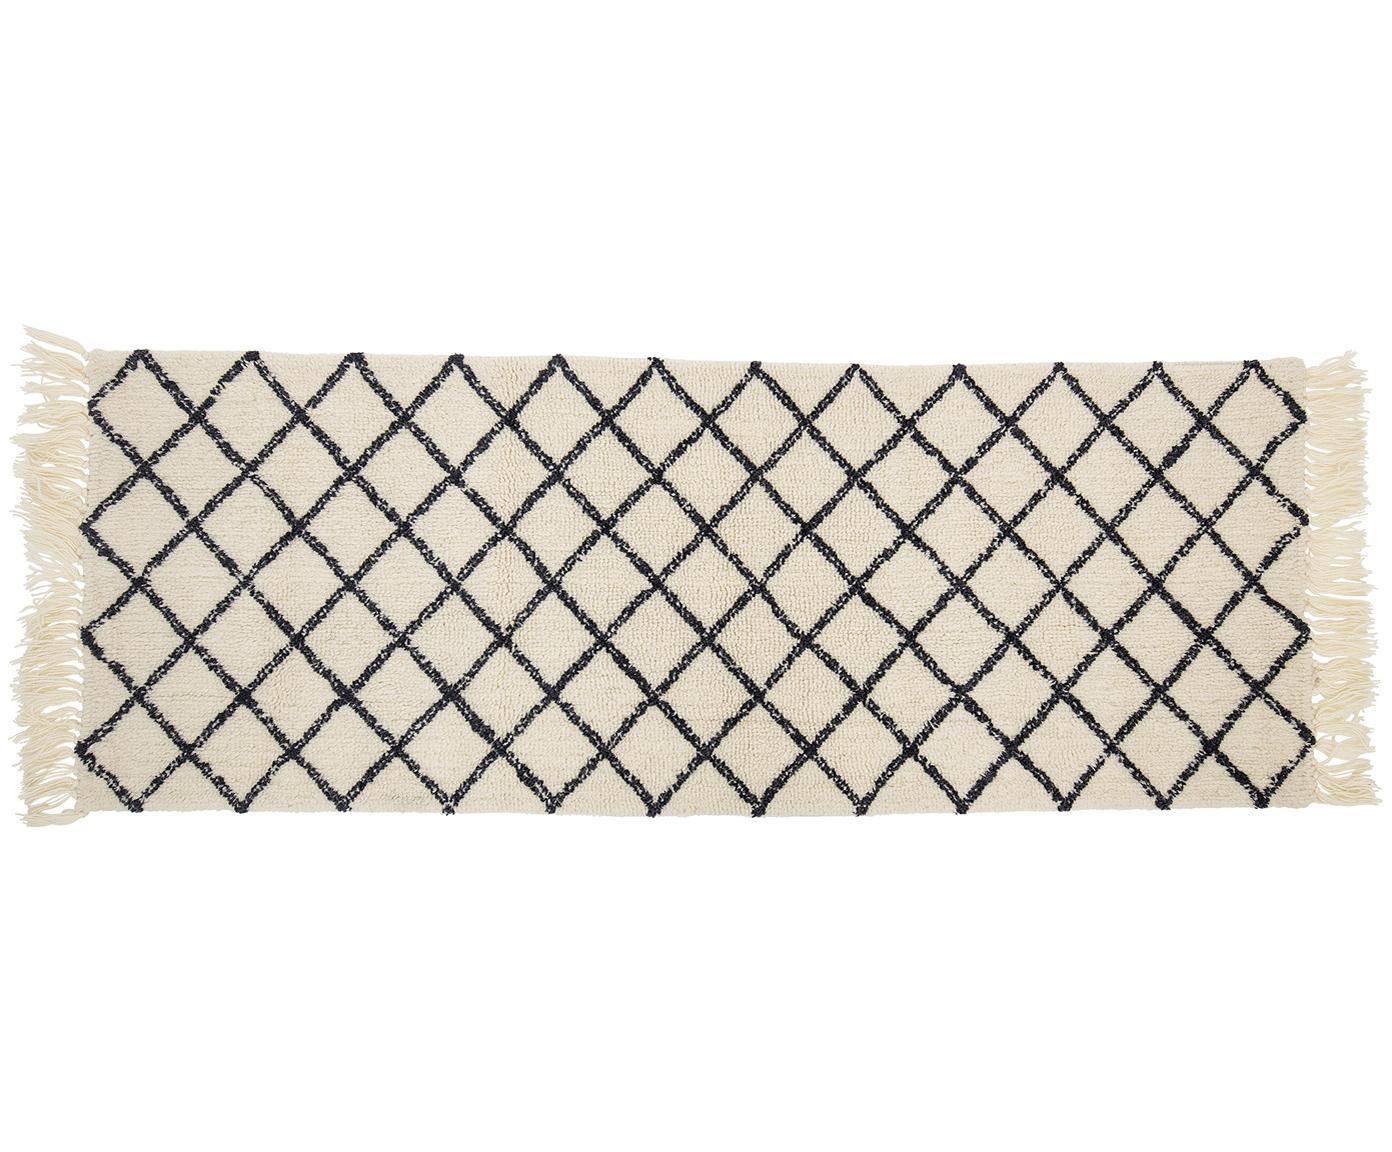 Wollen loper Alva, Crèmekleurig, antraciet, 70 x 200 cm